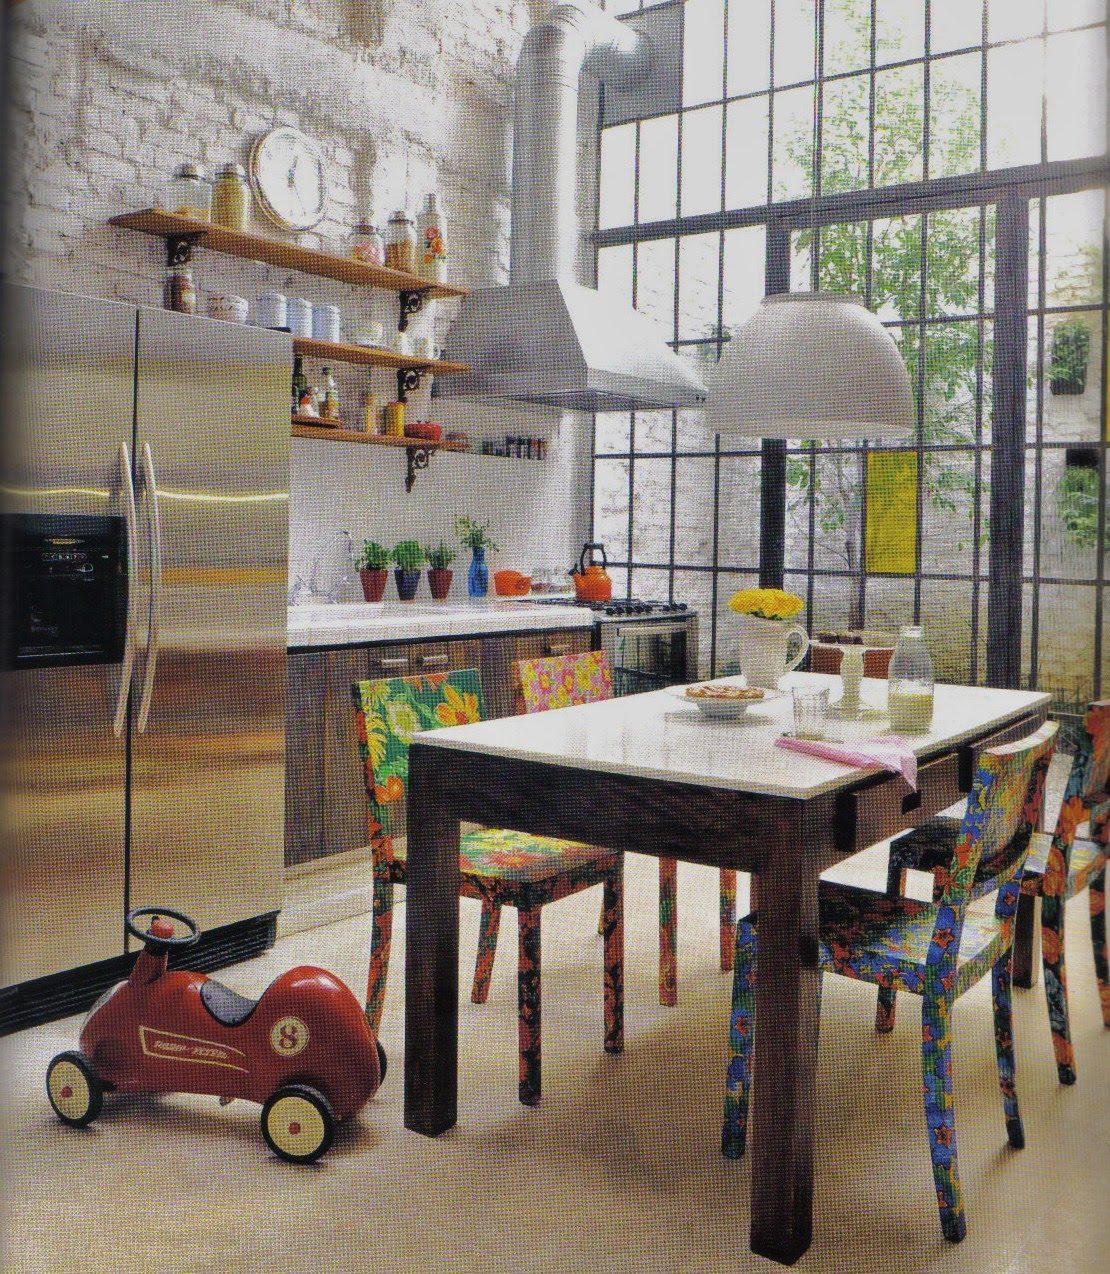 Coisas de Josiane: A simplicidade e o luxo de uma cozinha. #684436 1110x1274